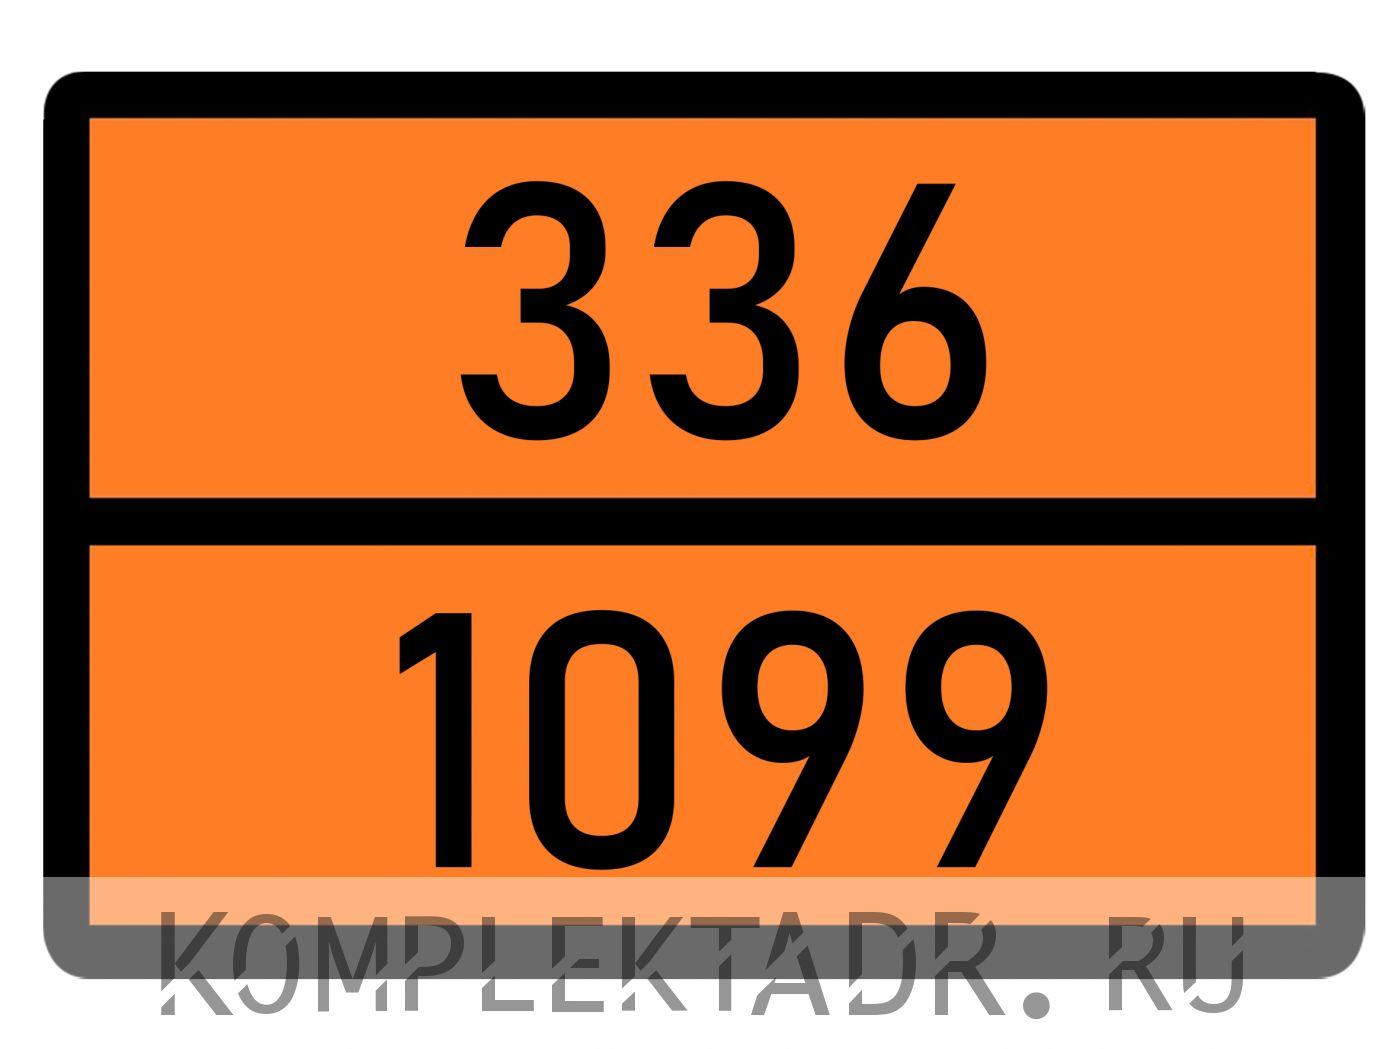 Табличка 336-1099